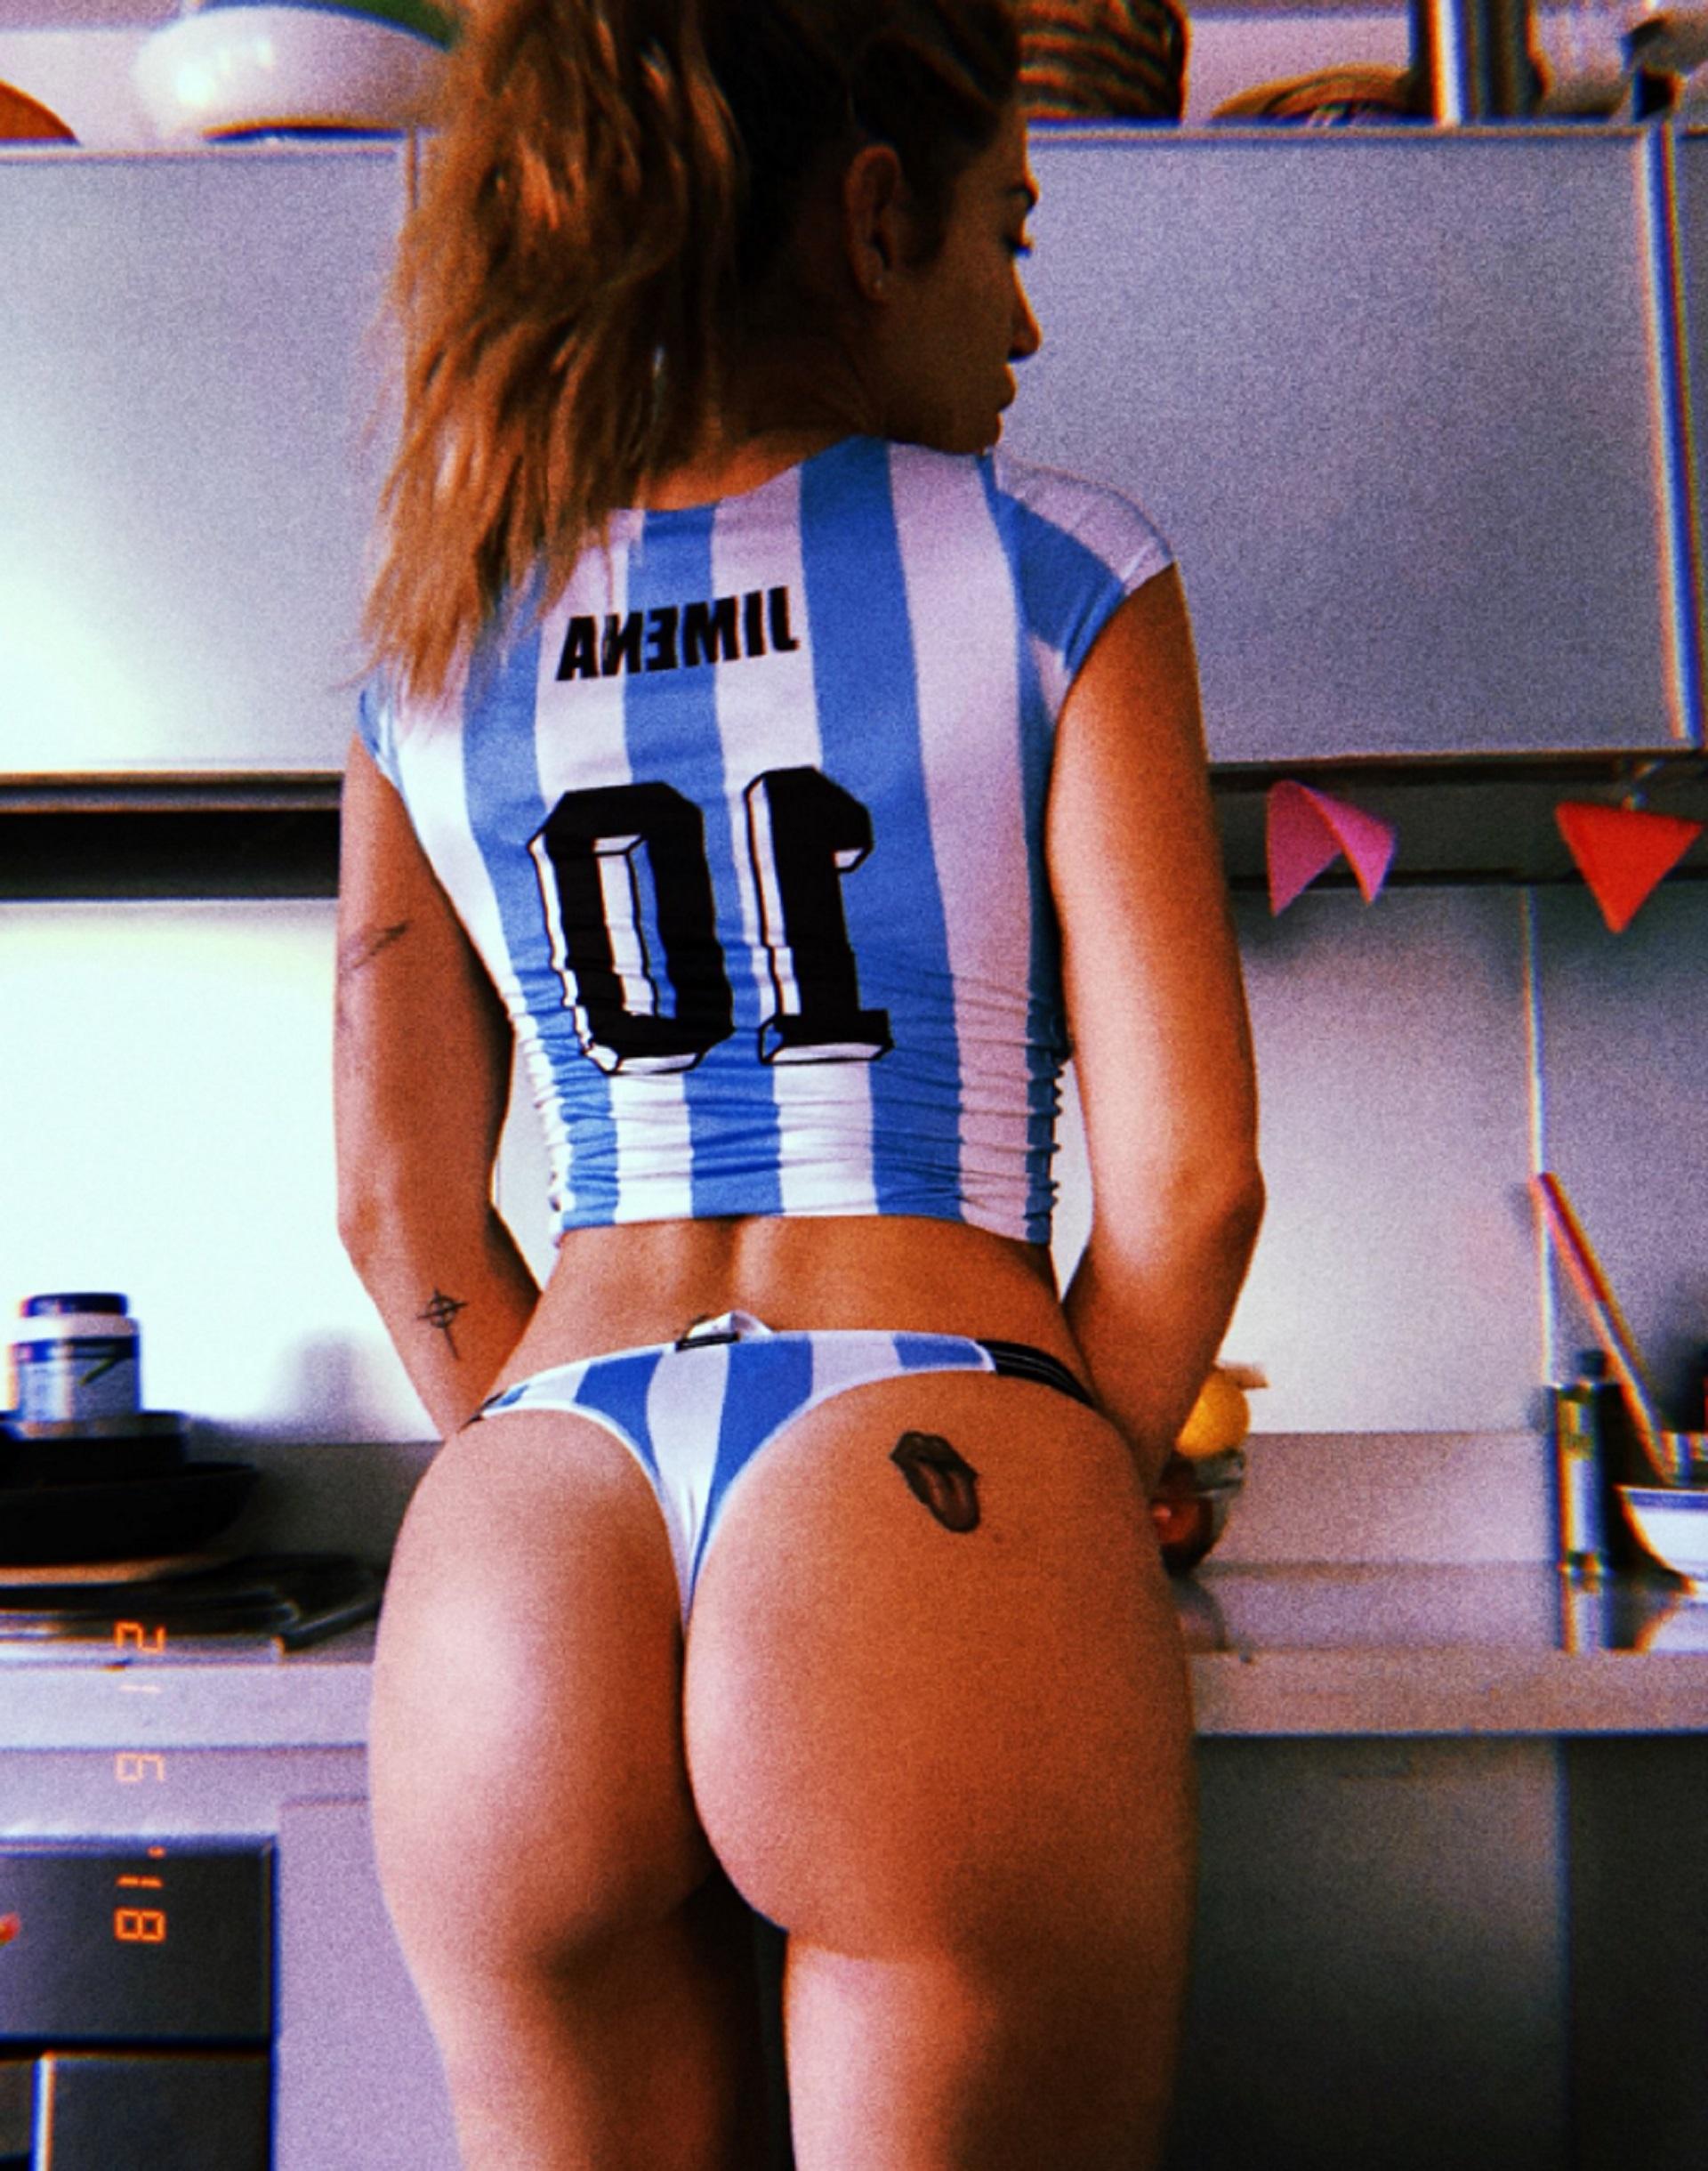 """Jimena Barón se sacó una foto hot para alentar a la Selección. """"Una excusa para salir en tanga"""", dijo la actriz. La cábala no funcionó, pero sus seguidores de Instagram quedaron impactados"""